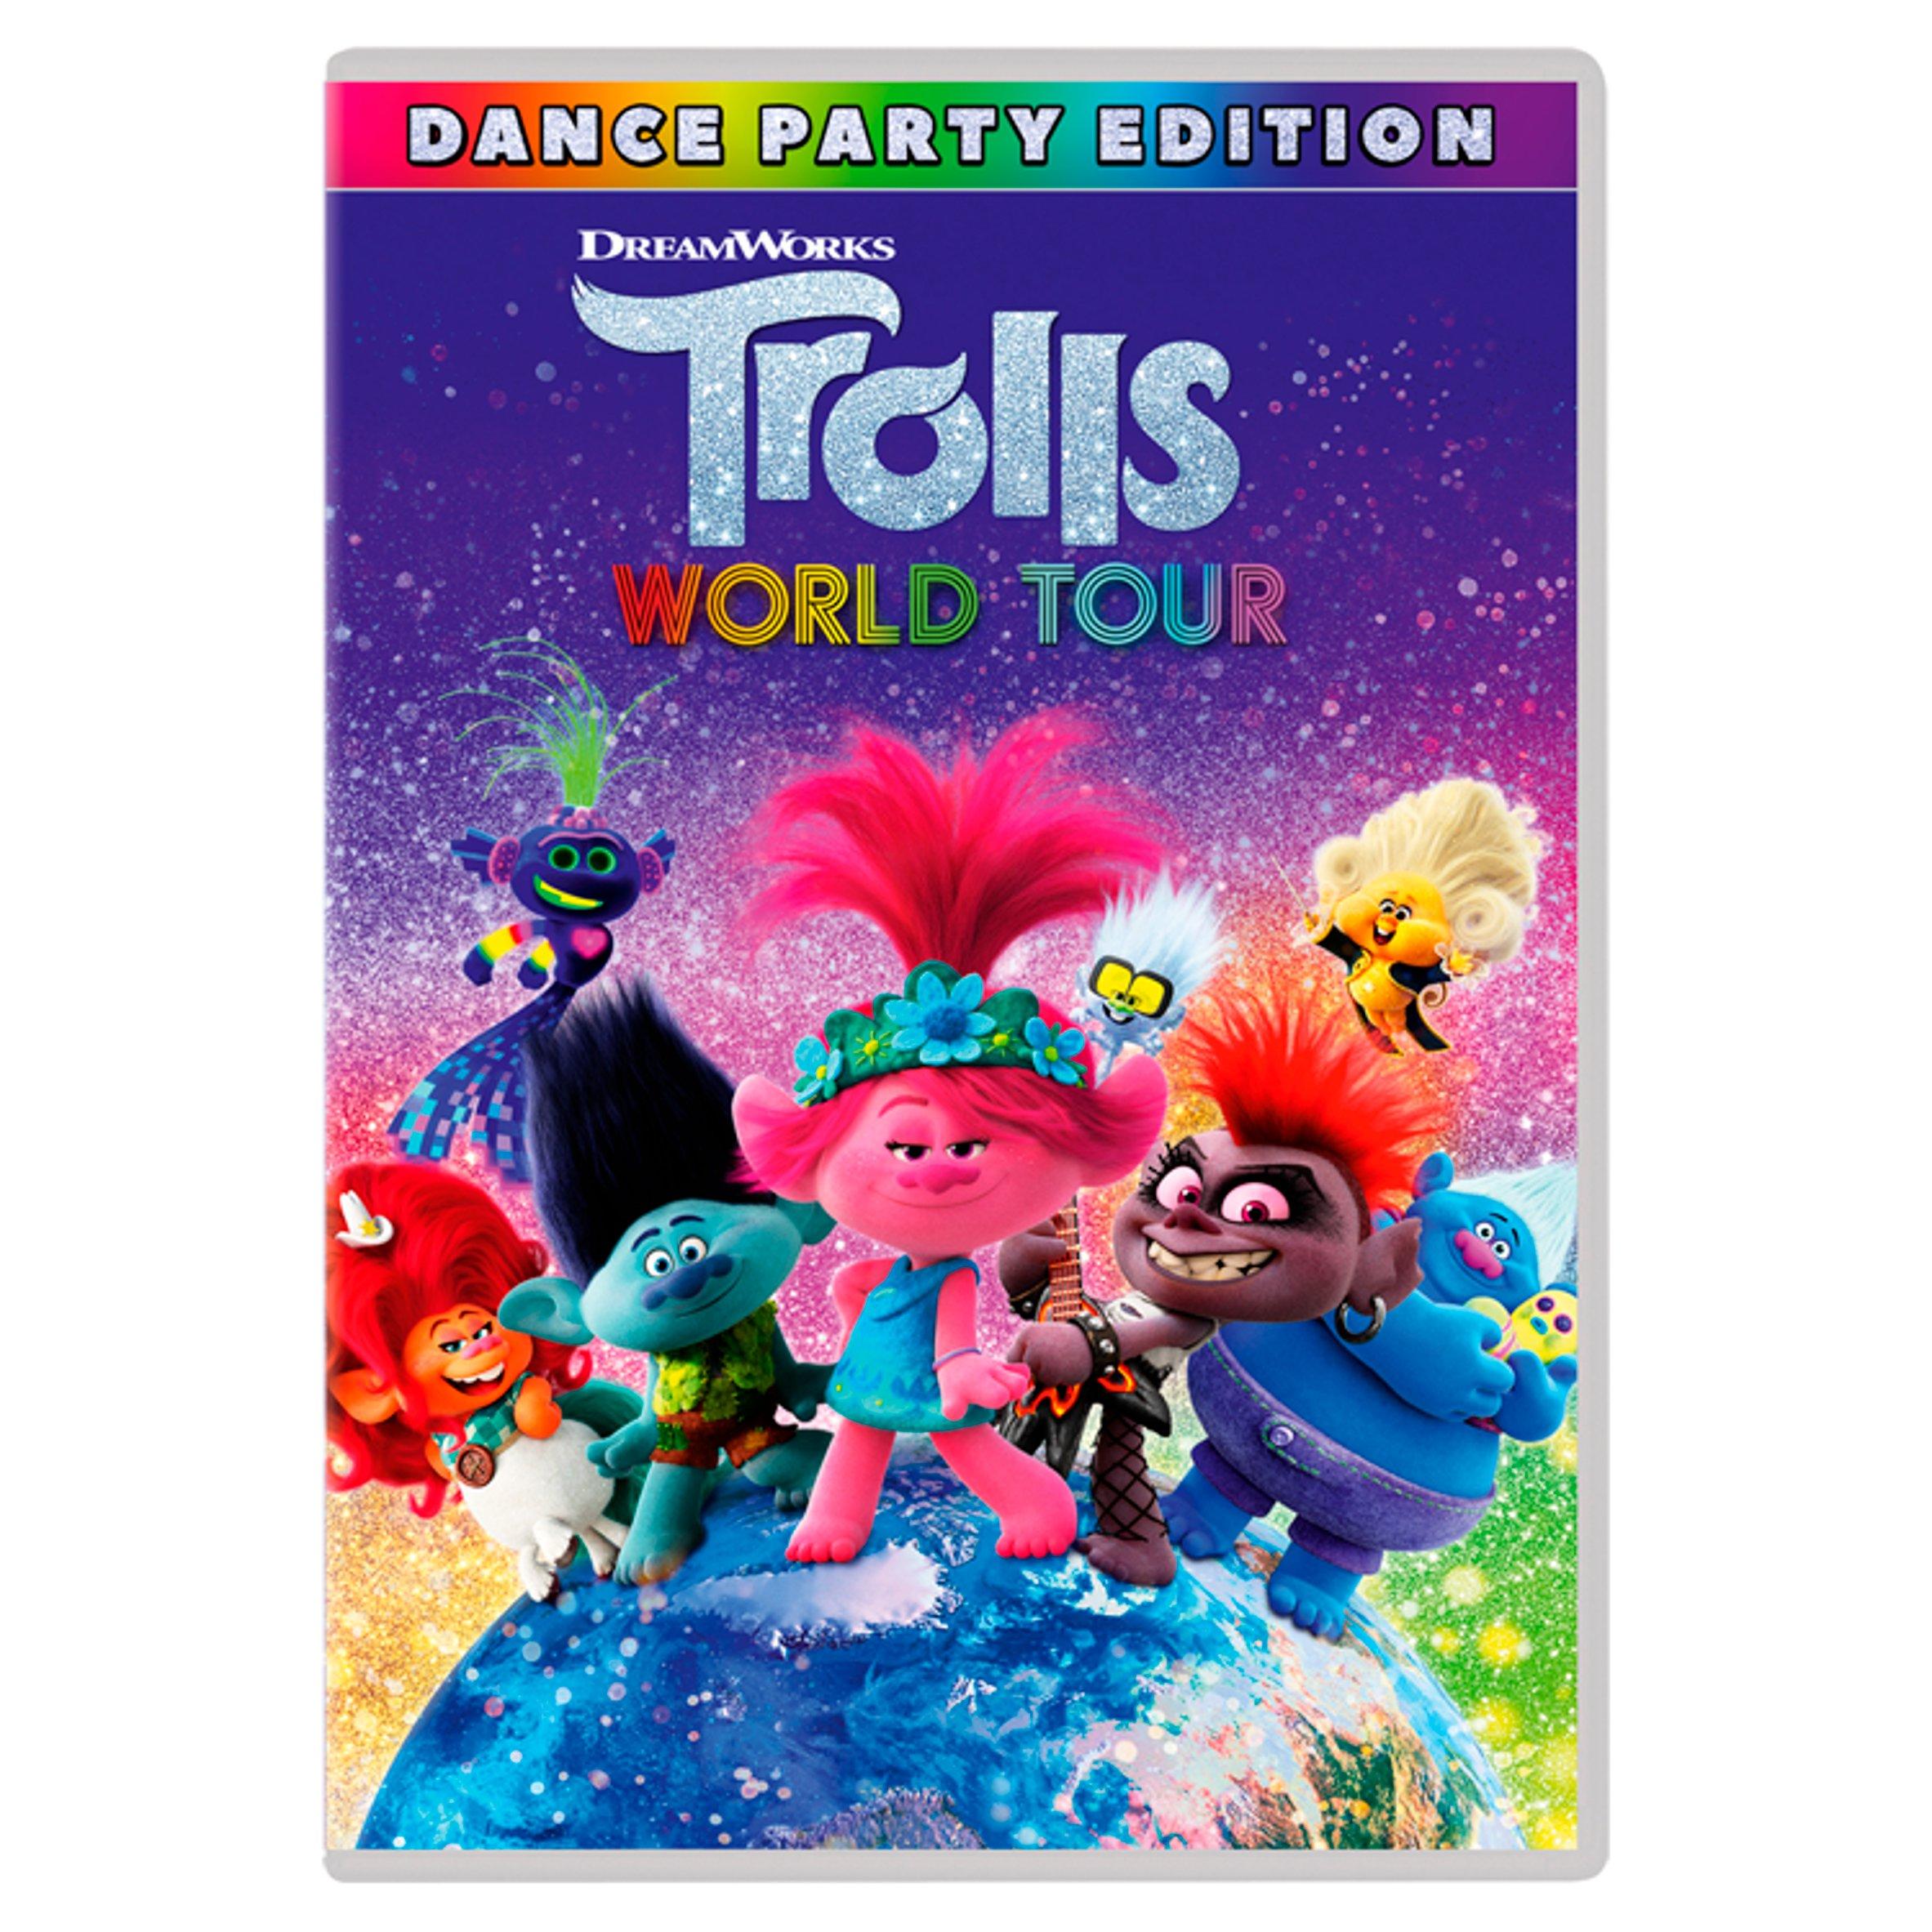 Trolls 2 World Tour Dvd Tesco Groceries